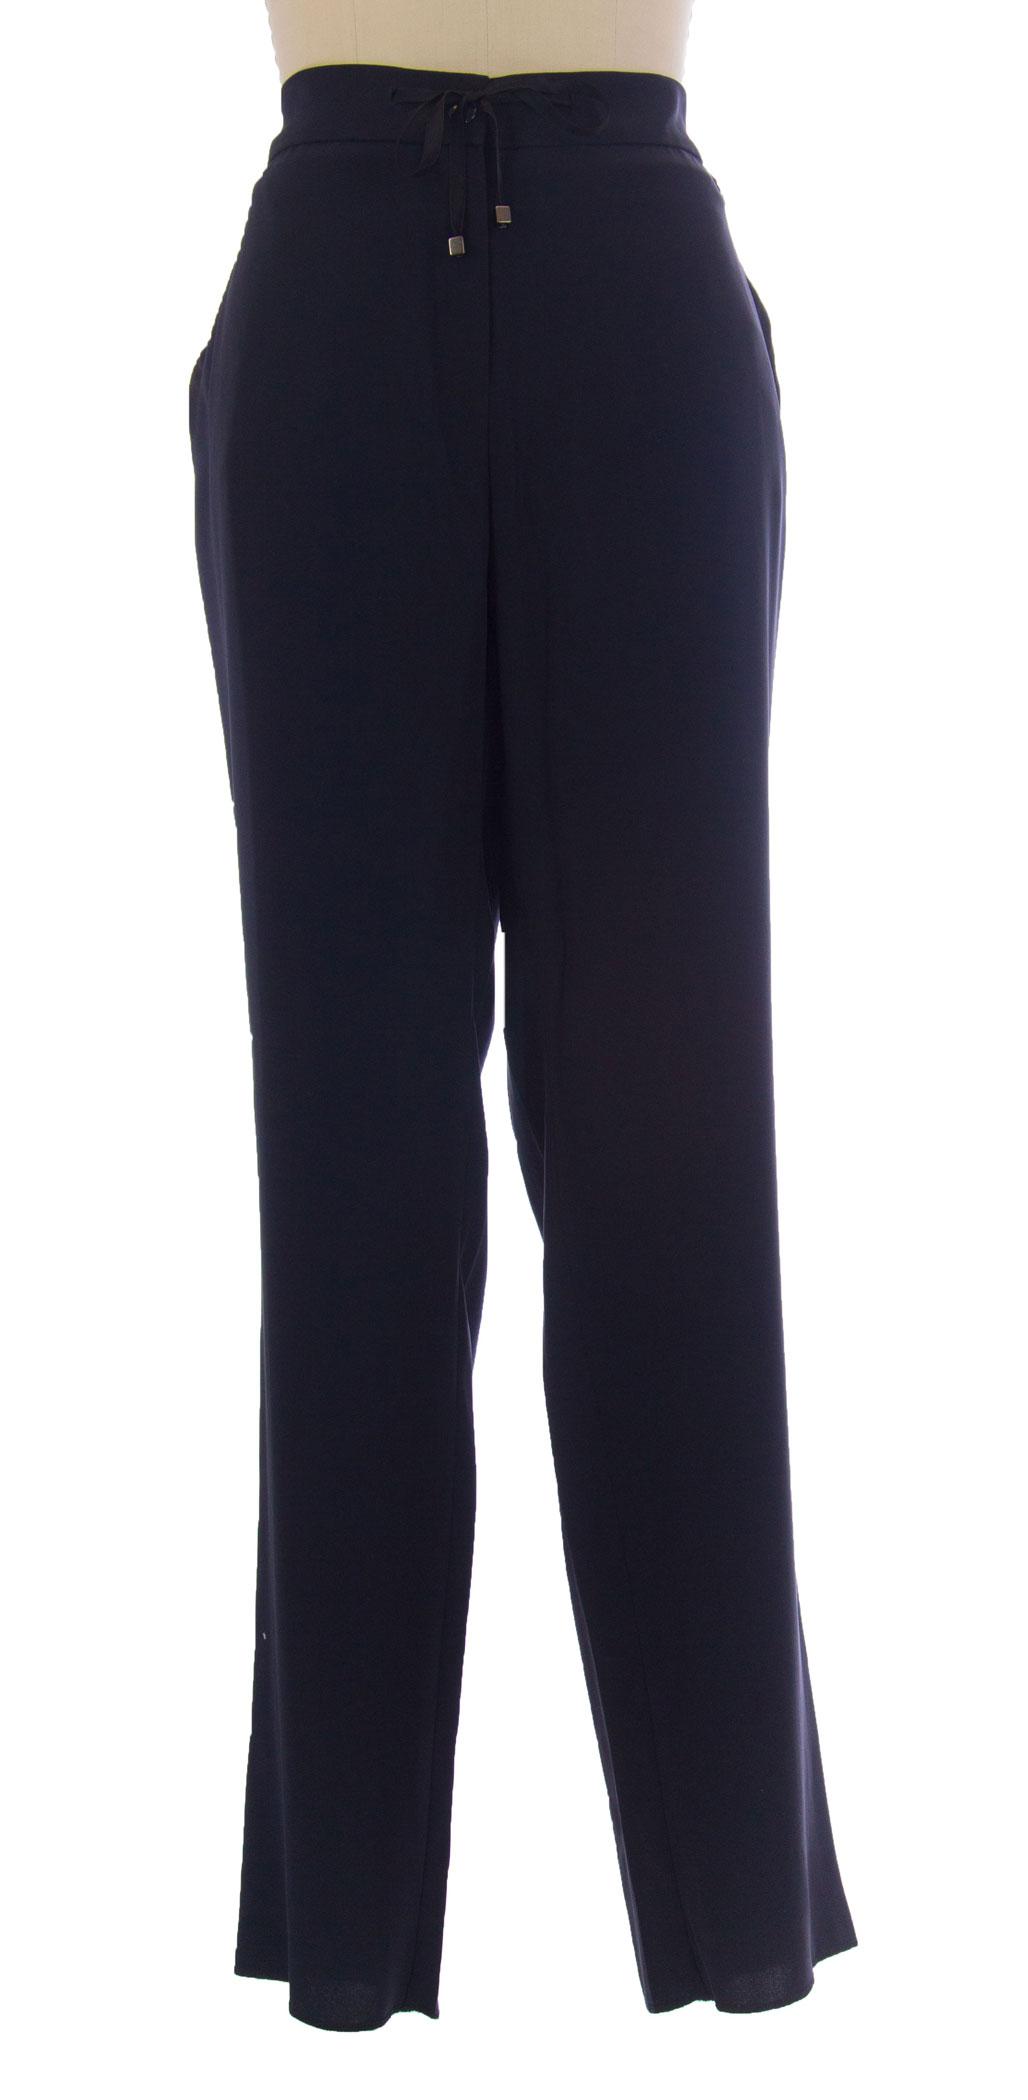 MARINA RINALDI by MaxMara Bavarese Navy bluee Long Dress Pants  285 NWT